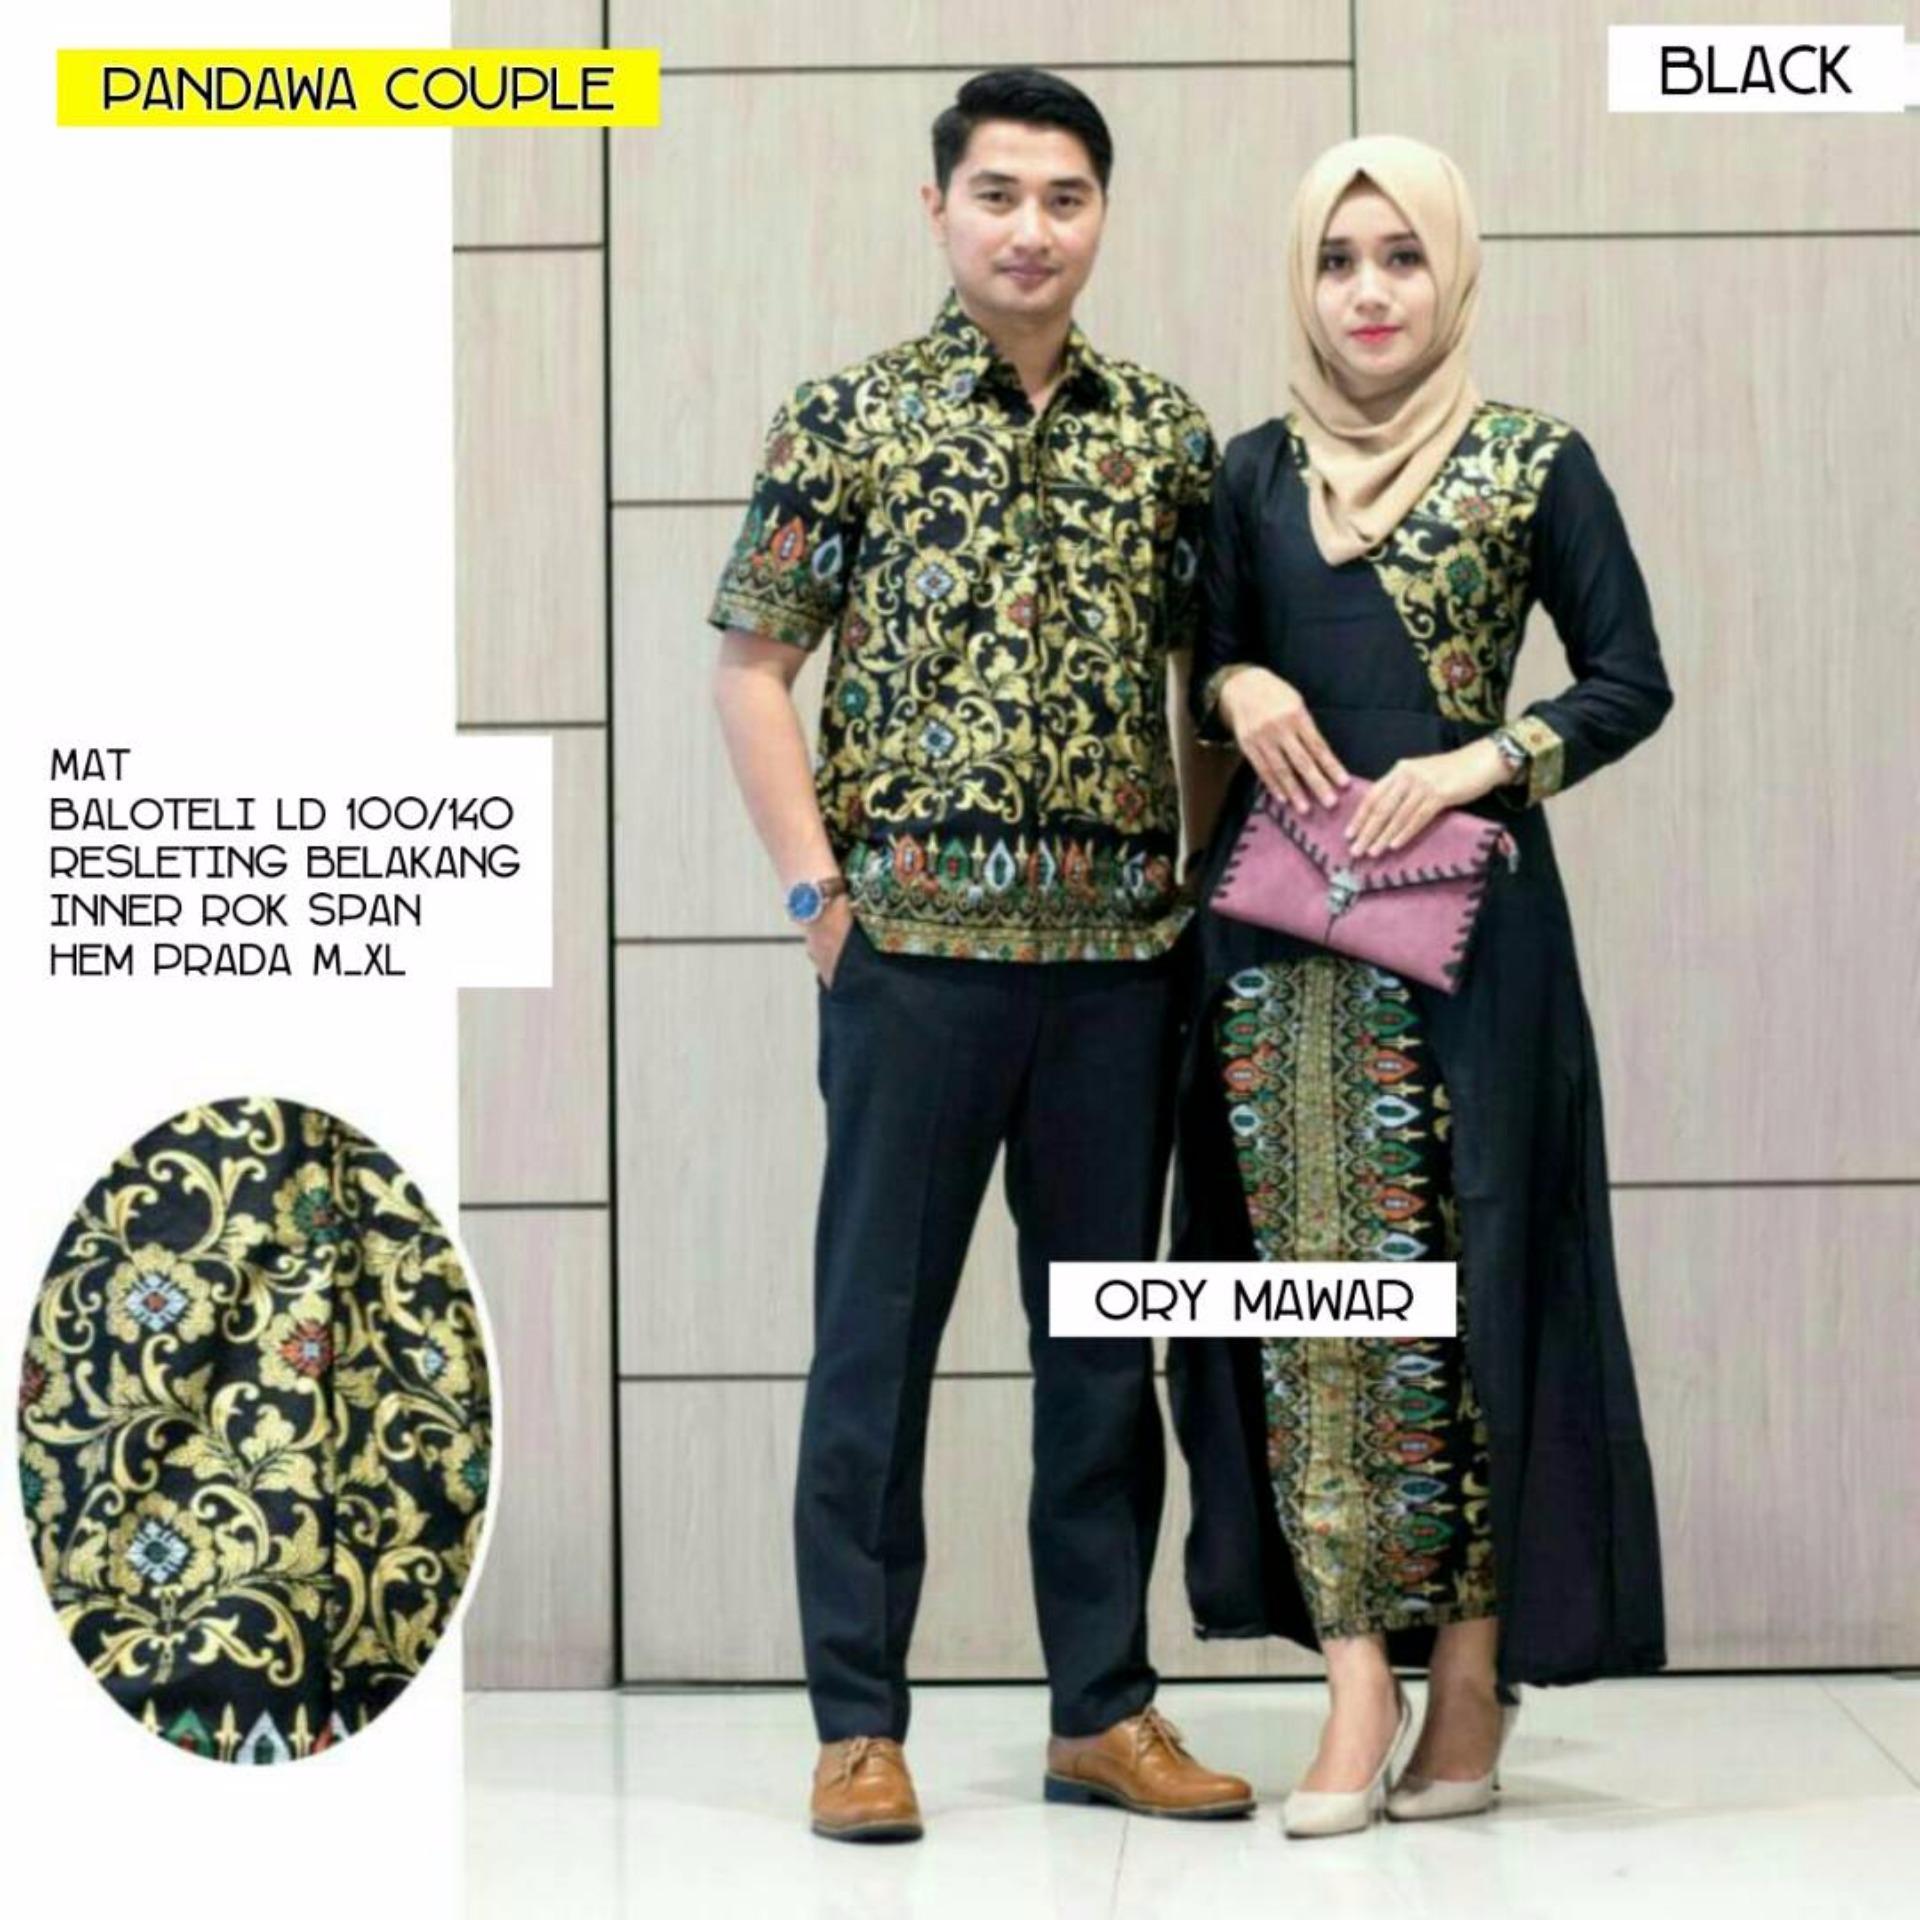 Batik Couple / Batik Sarimbit Pandawa Couple - HITAM